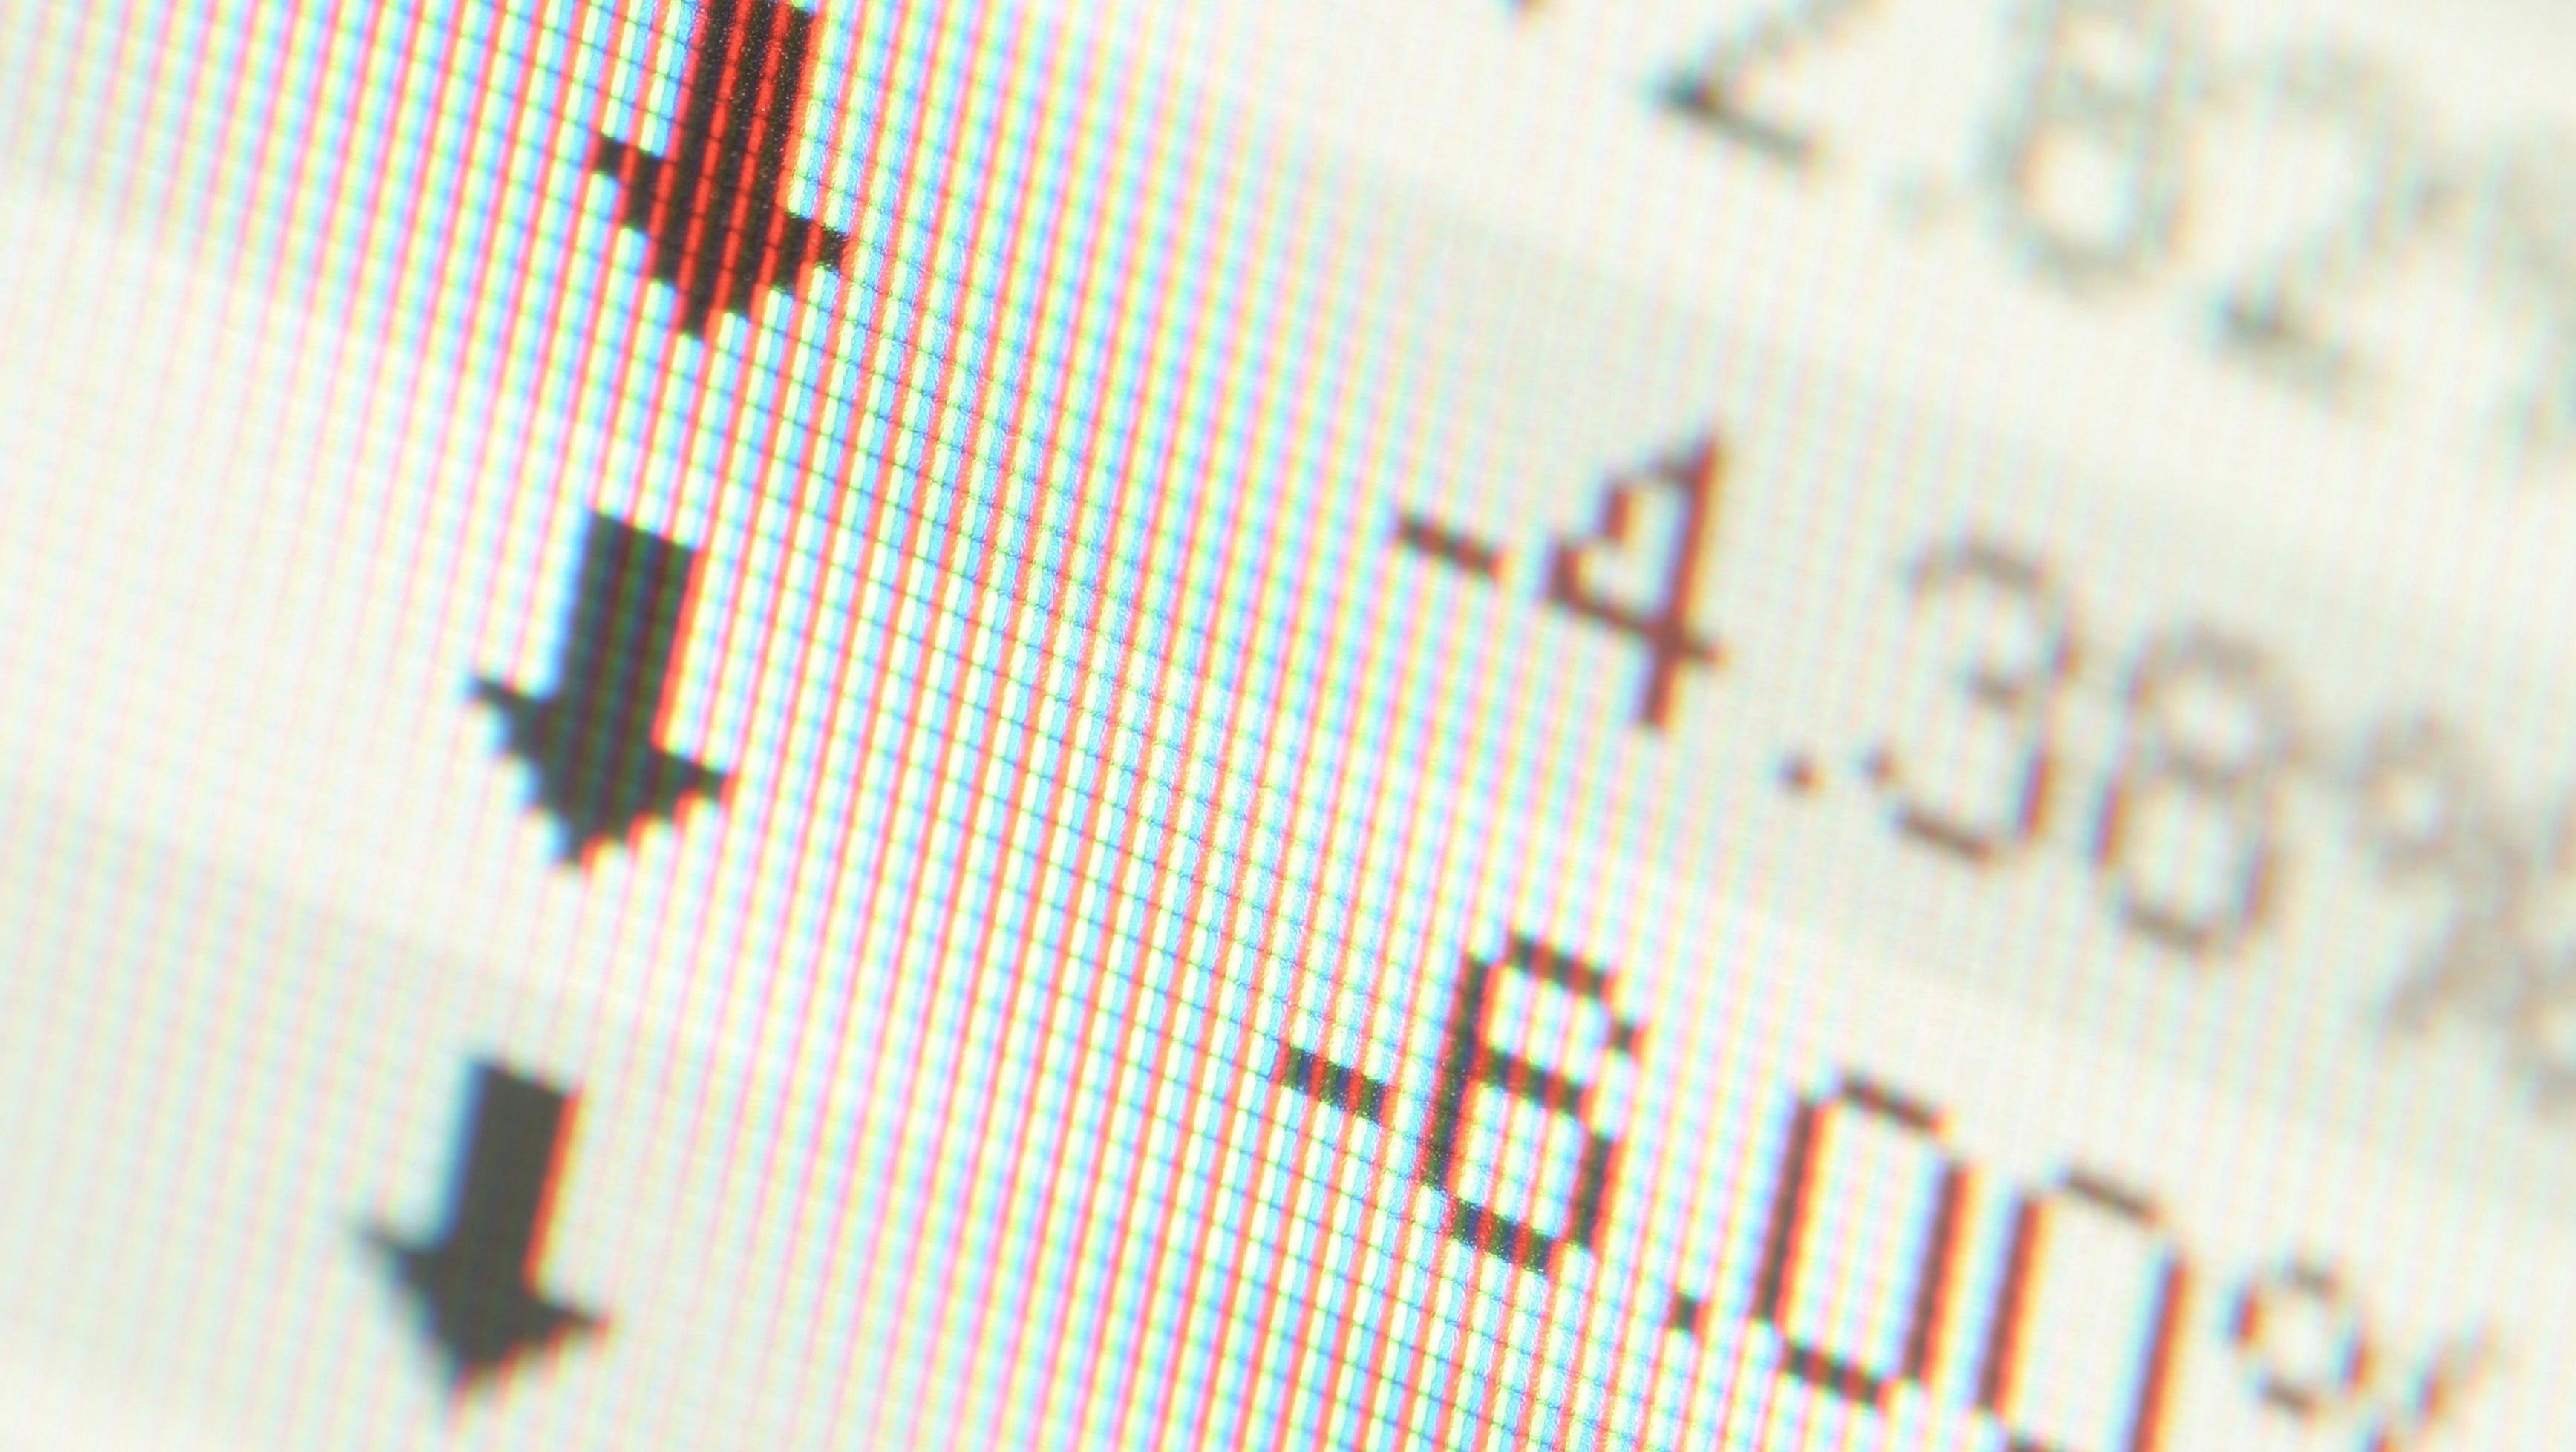 Nio Inc (NIO) Stock Moves Near to 50-Day MA: What Next?